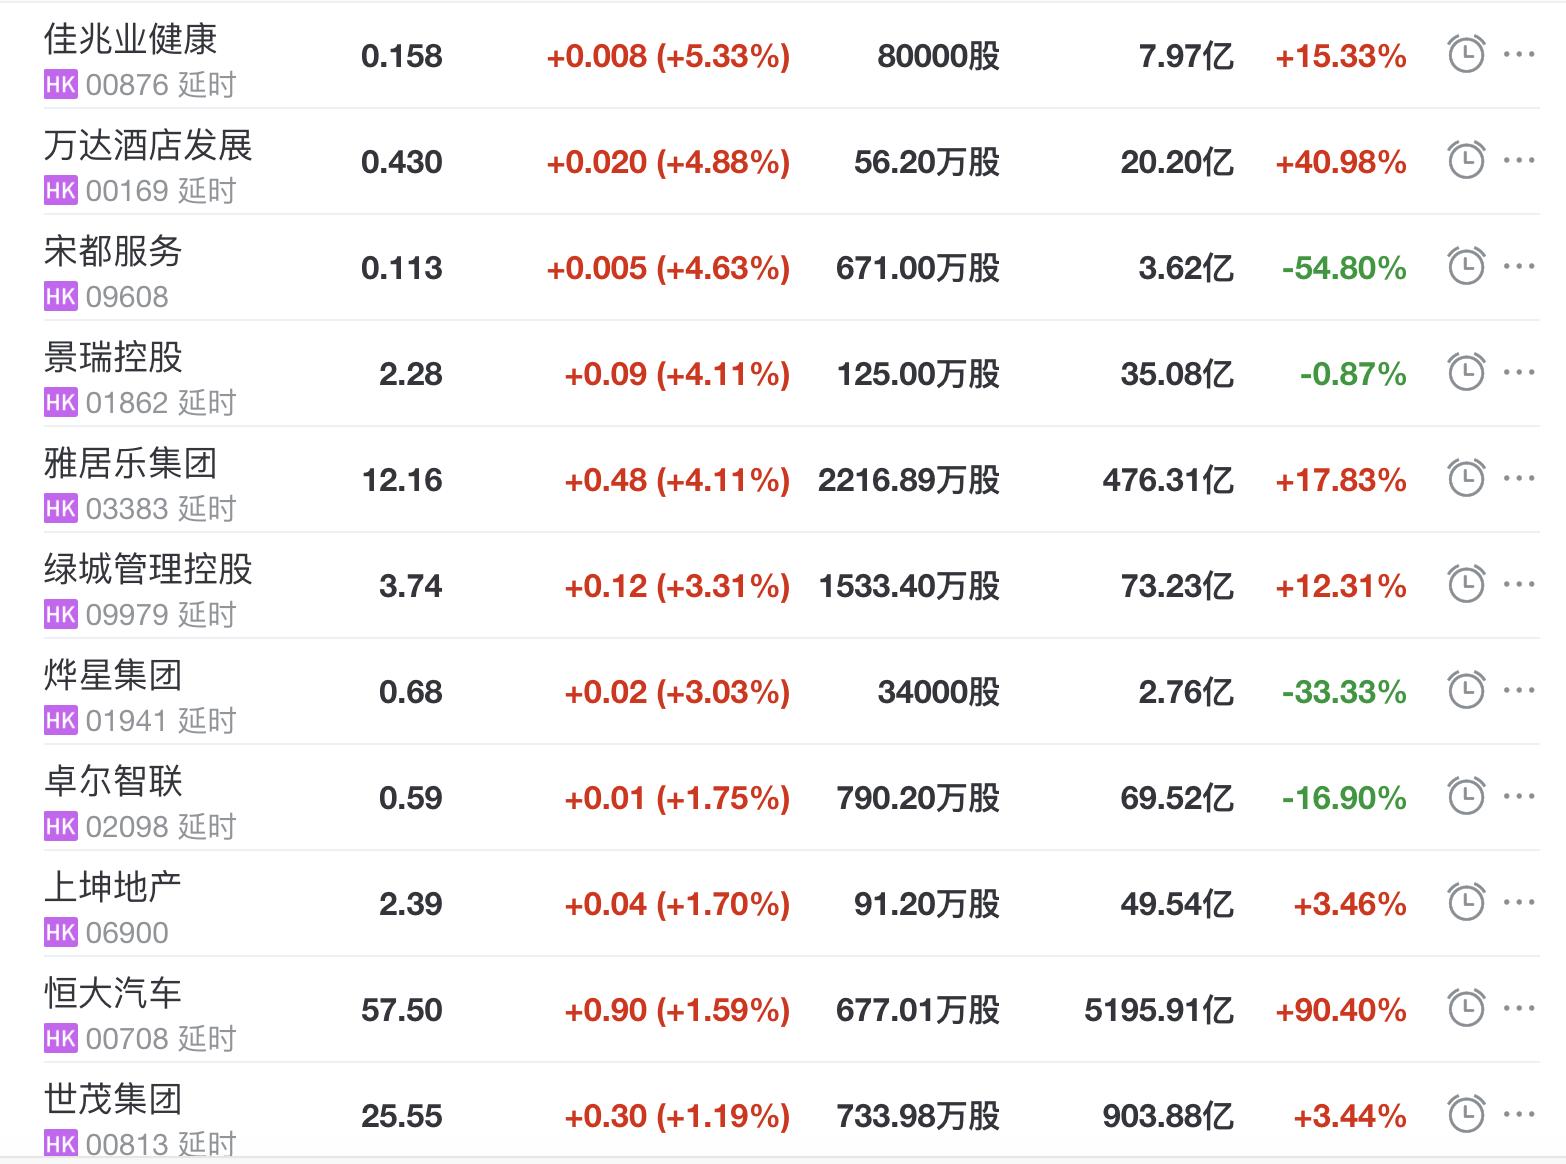 房地产类股收盘下跌2.03%,凯撒健康指数收盘上涨5.33%,第一服务控股公司收盘下跌6.77%